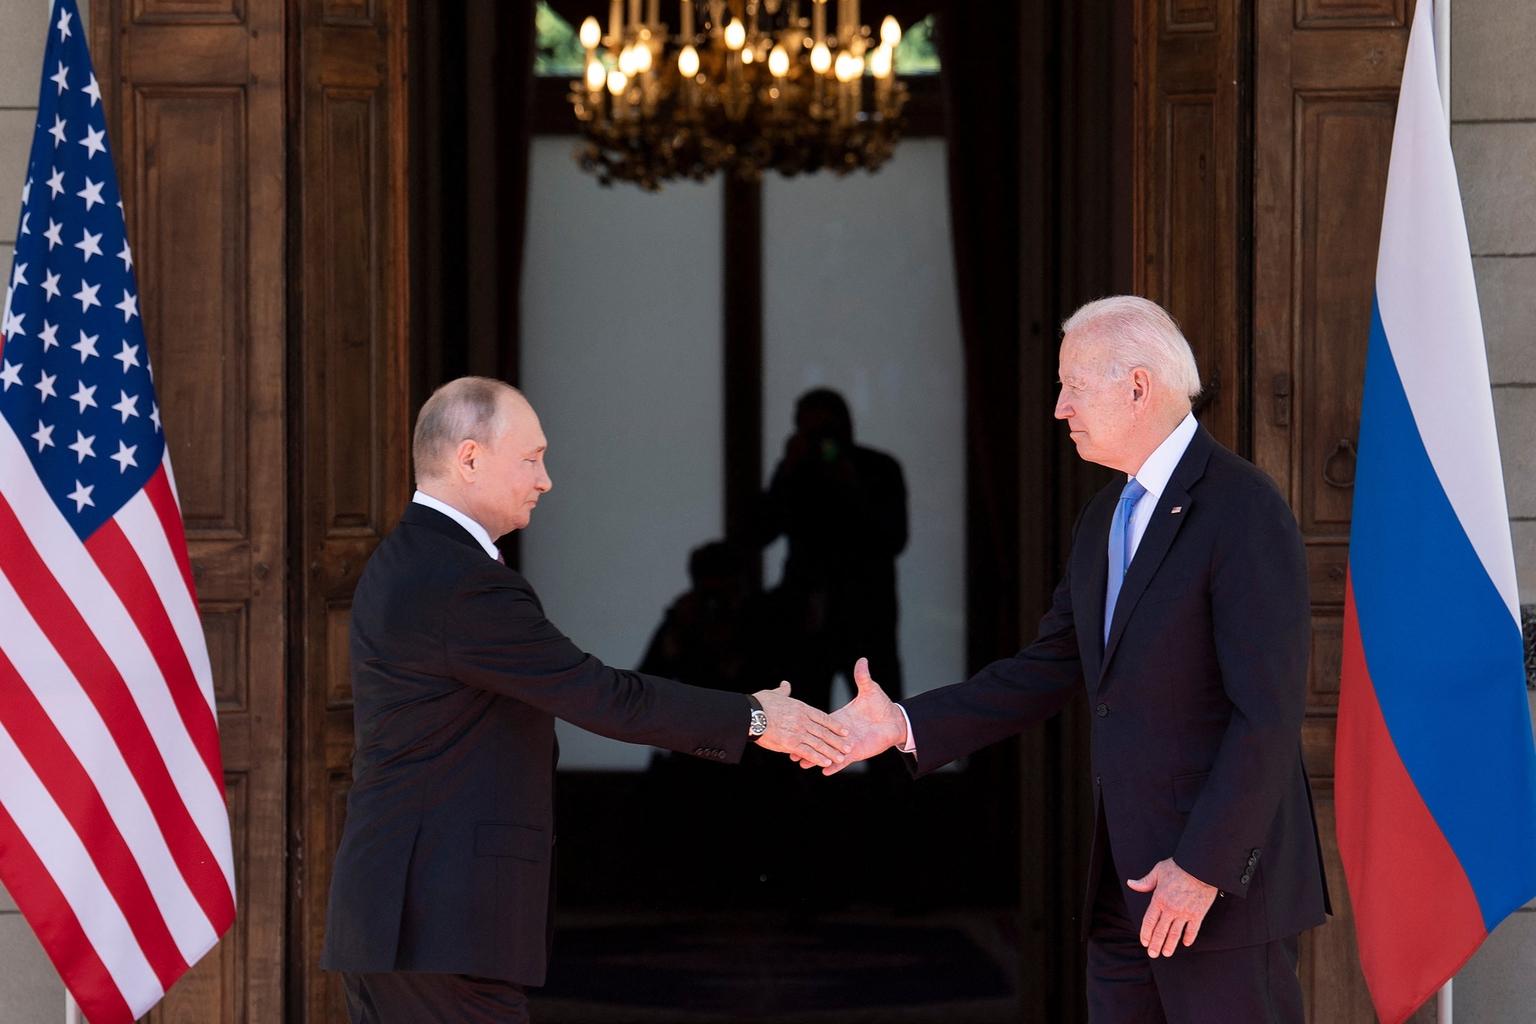 """""""egy hónappal ezelőtt Joe Biden és Putyin találkozója volt a középpontban, amelyre a világpolitikai helyzet alakulását meghatározó eseményként tekintett mindenki"""" #moszkvater"""